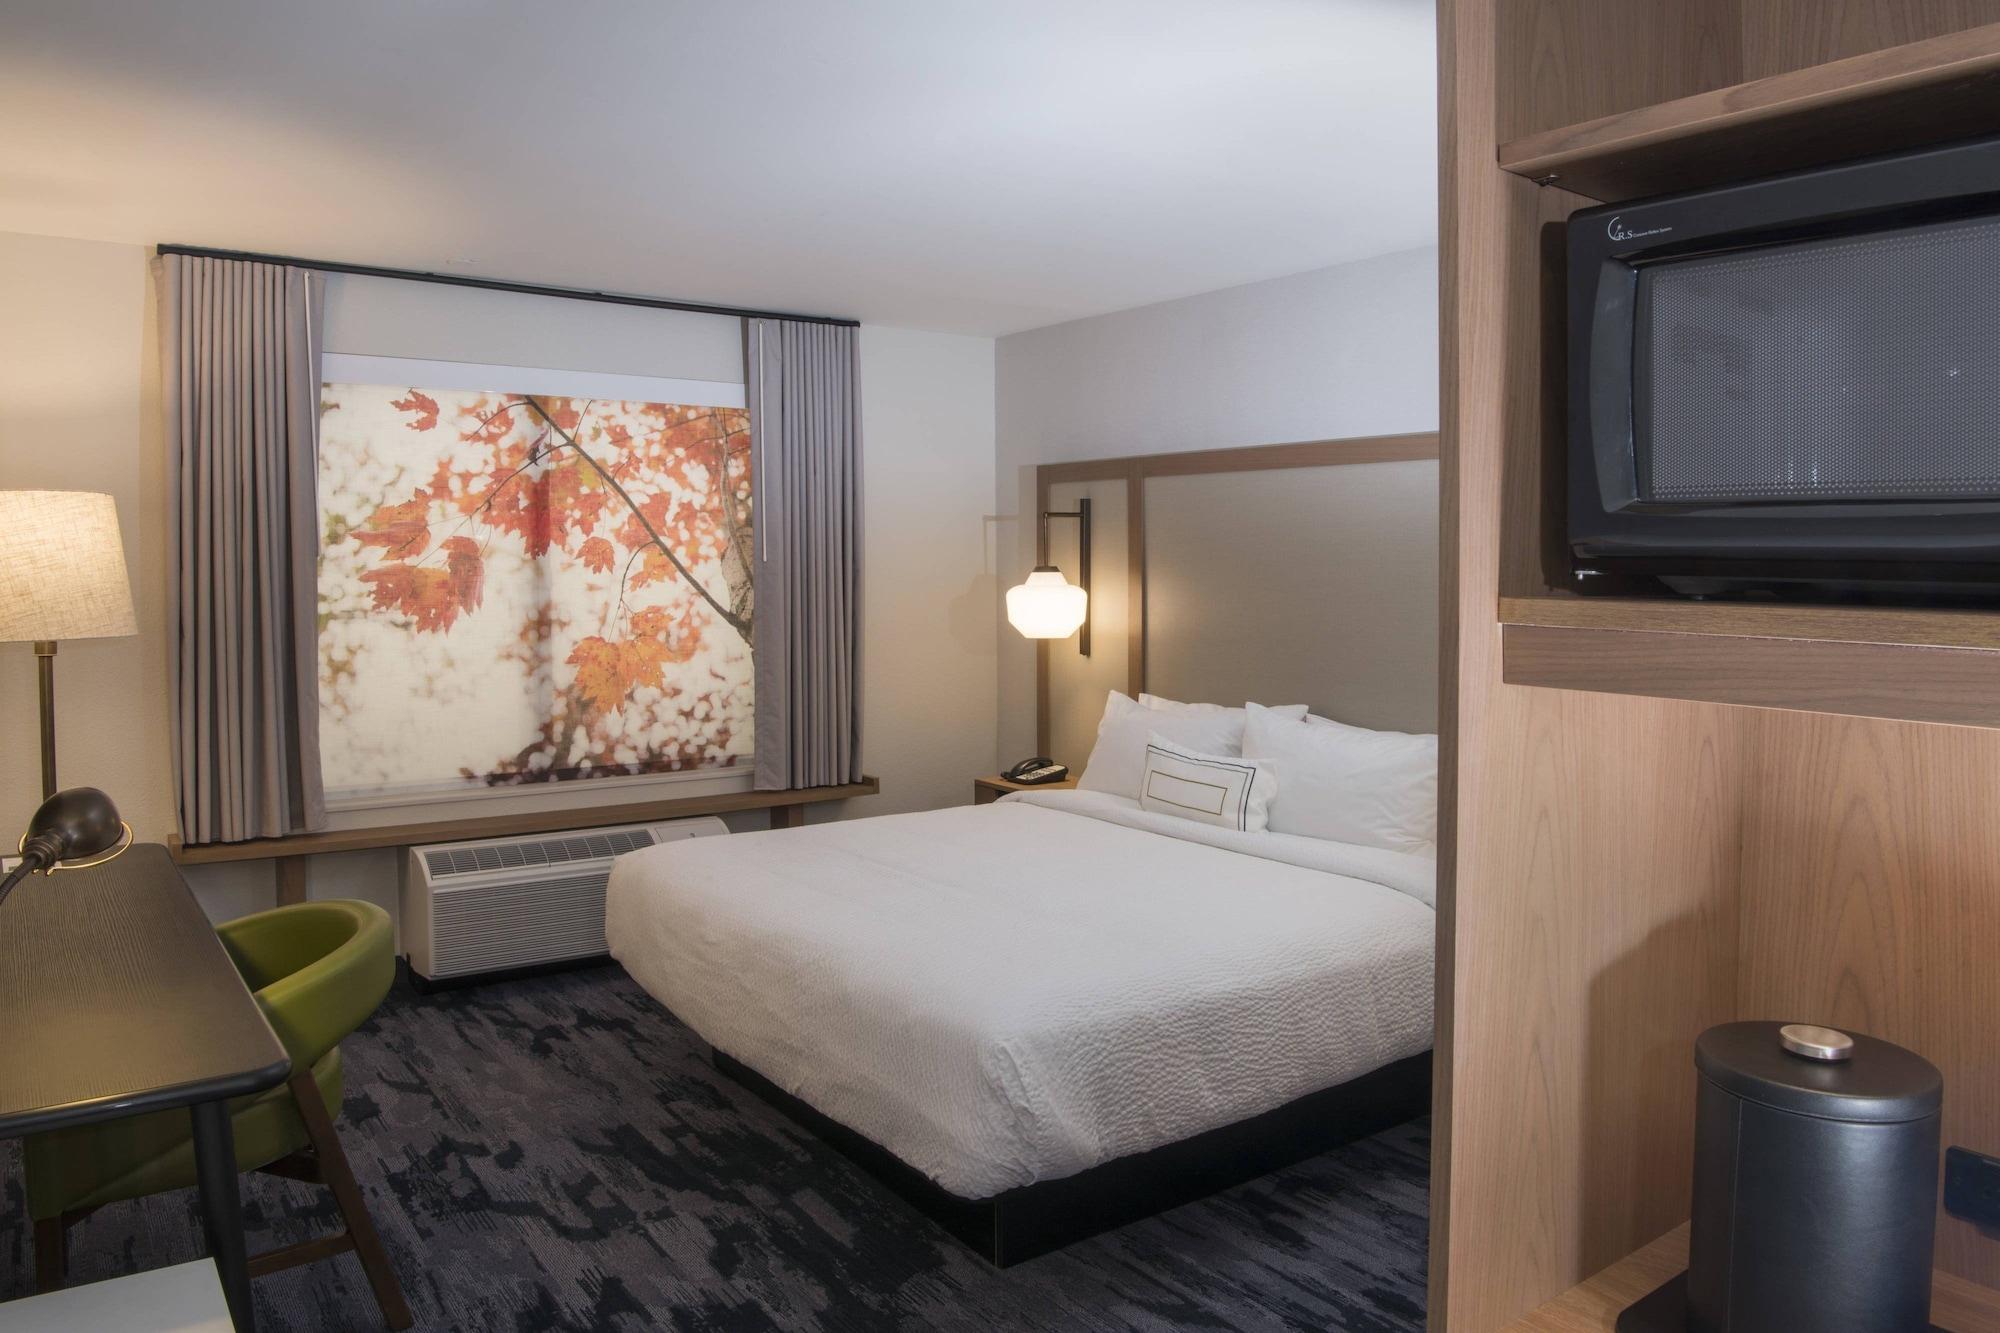 Fairfield Inn & Suites by Marriott Moorpark Ventura County, Ventura